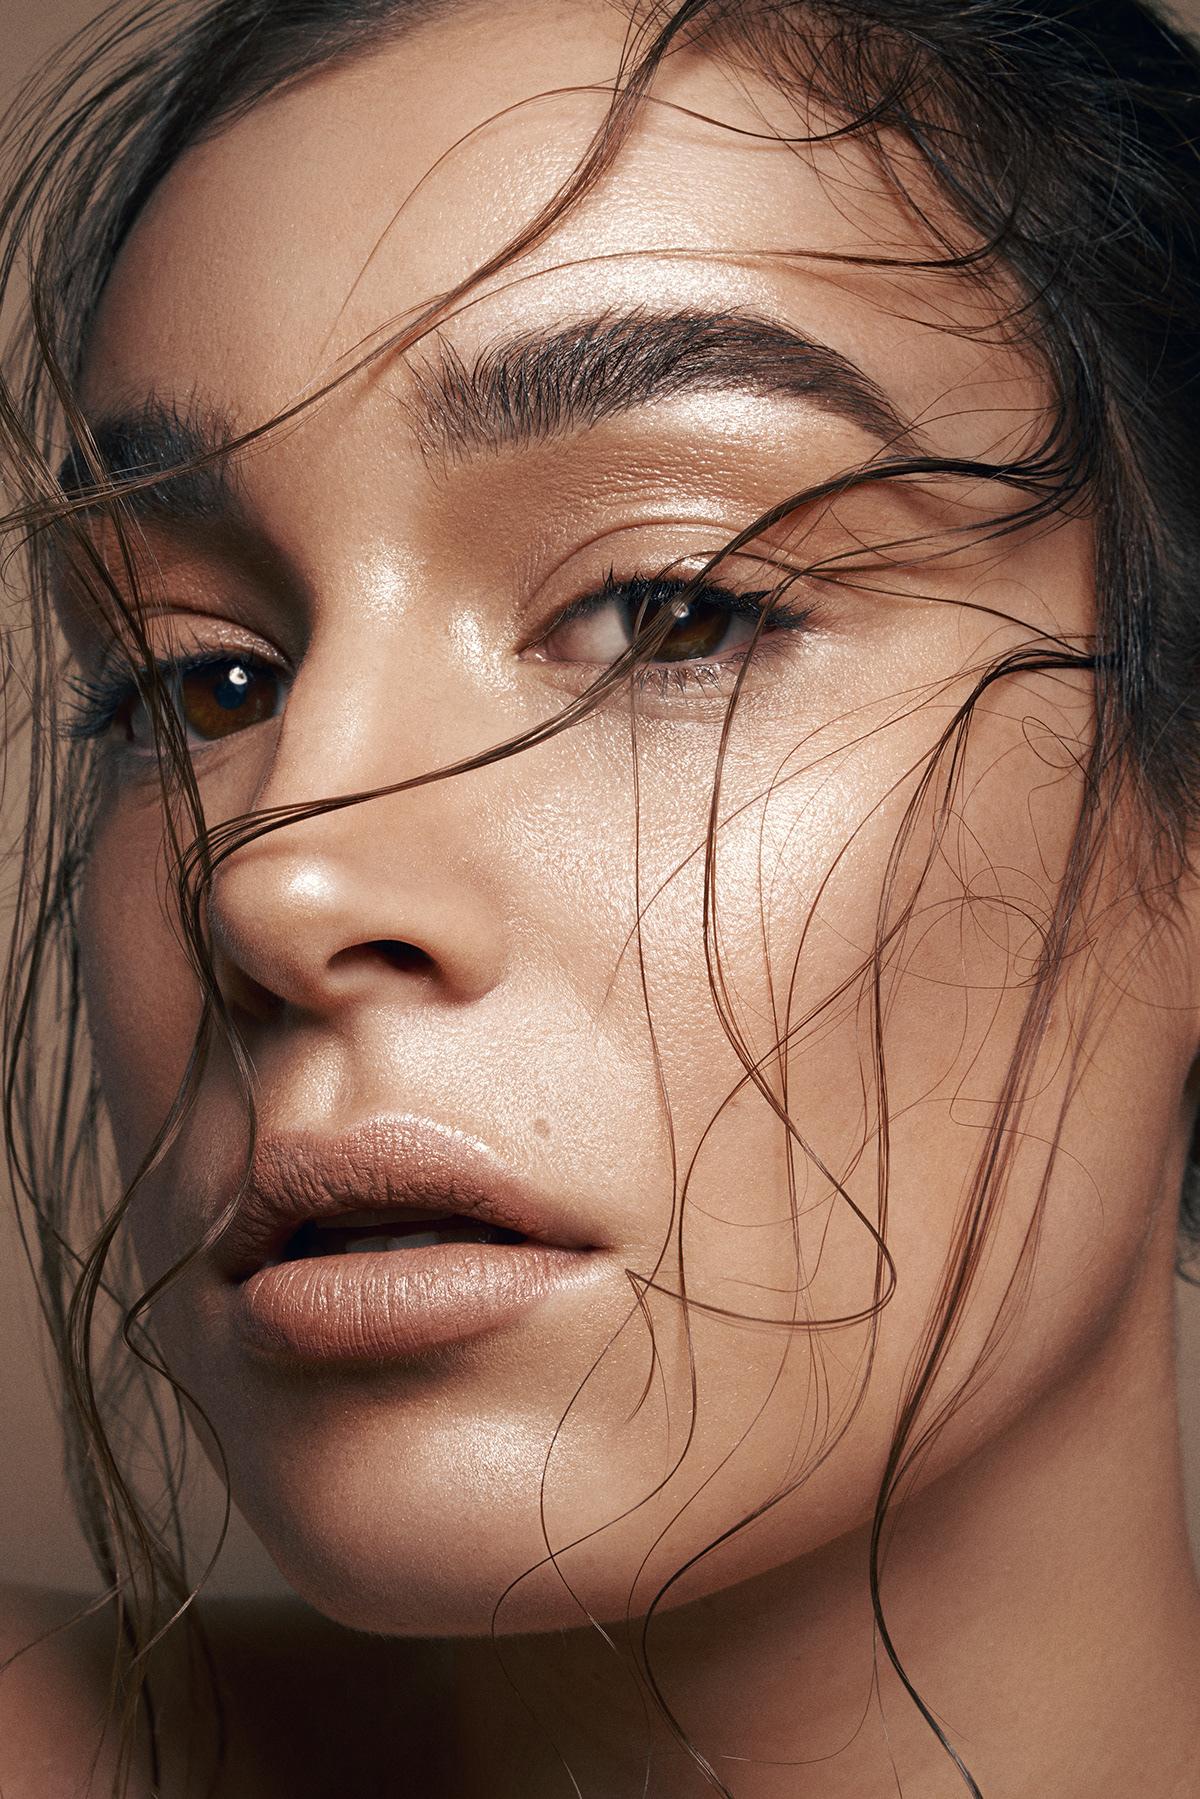 Ph&Makeup @yolandakingdon  model @dozzexplorer  retouch @liya_embrace_retoucher